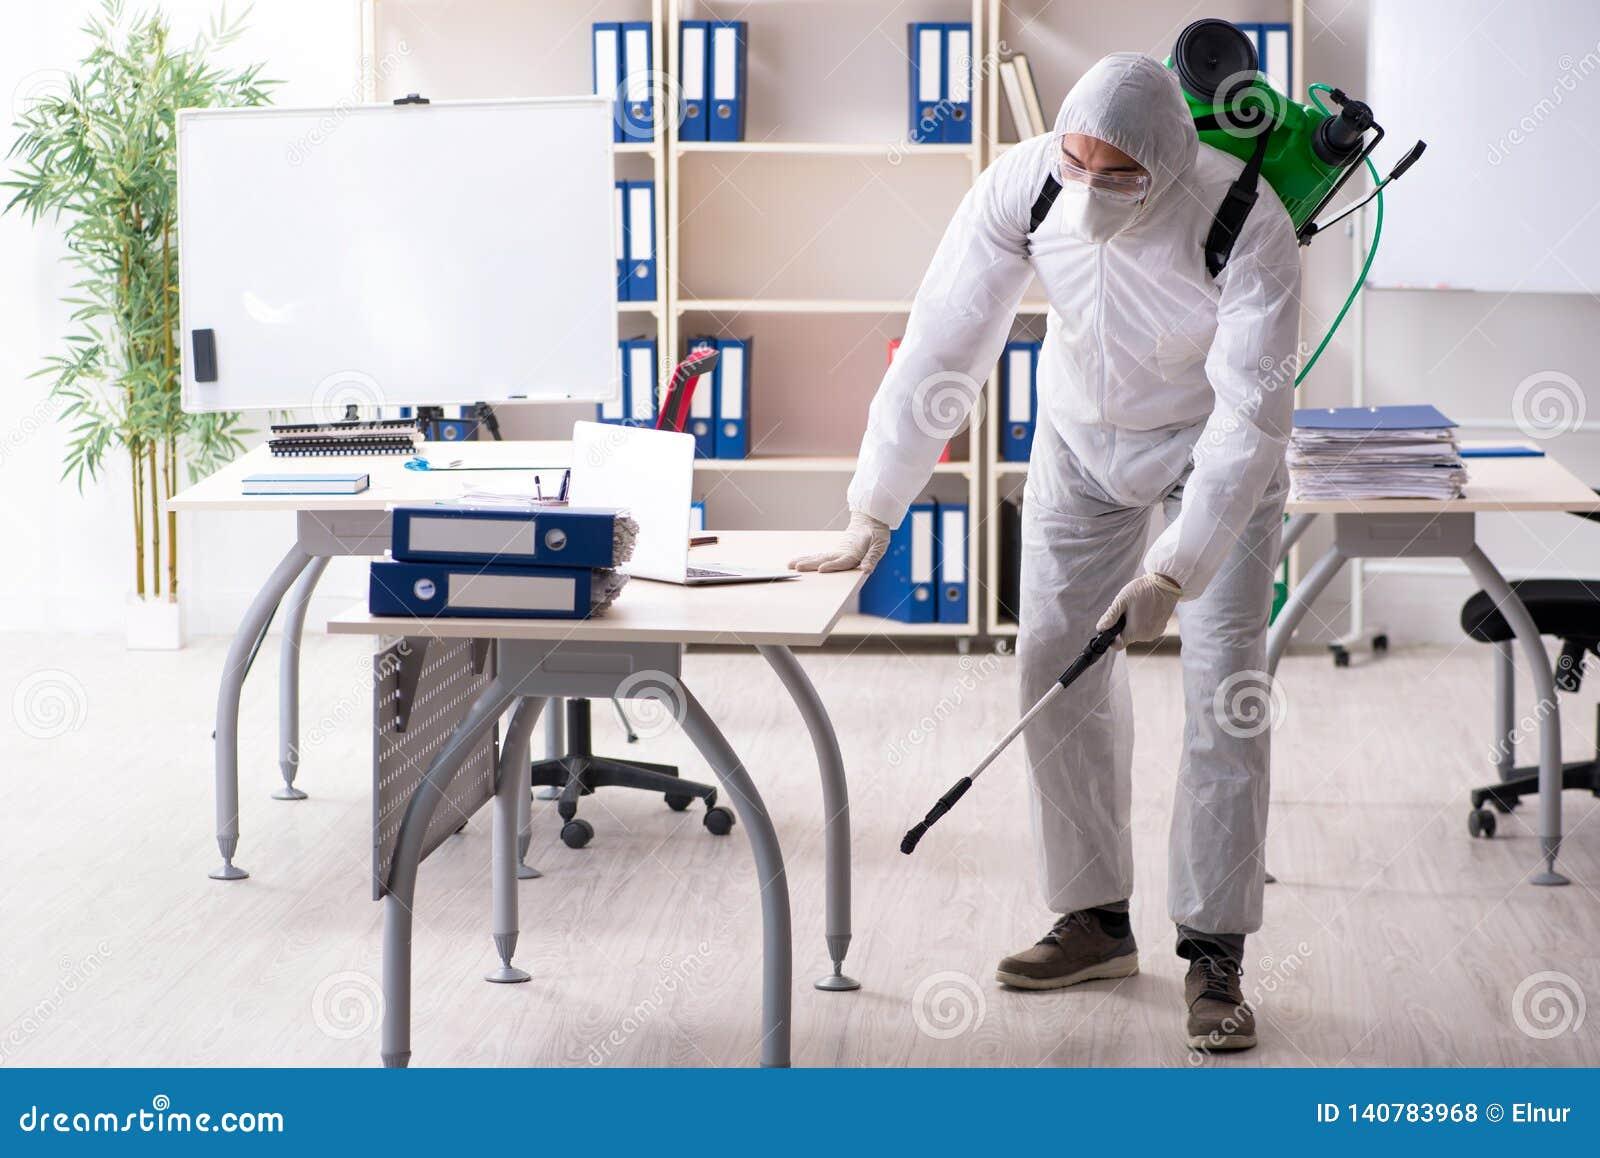 Der Berufsauftragnehmer, der Schädlingsbekämpfung im Büro tut